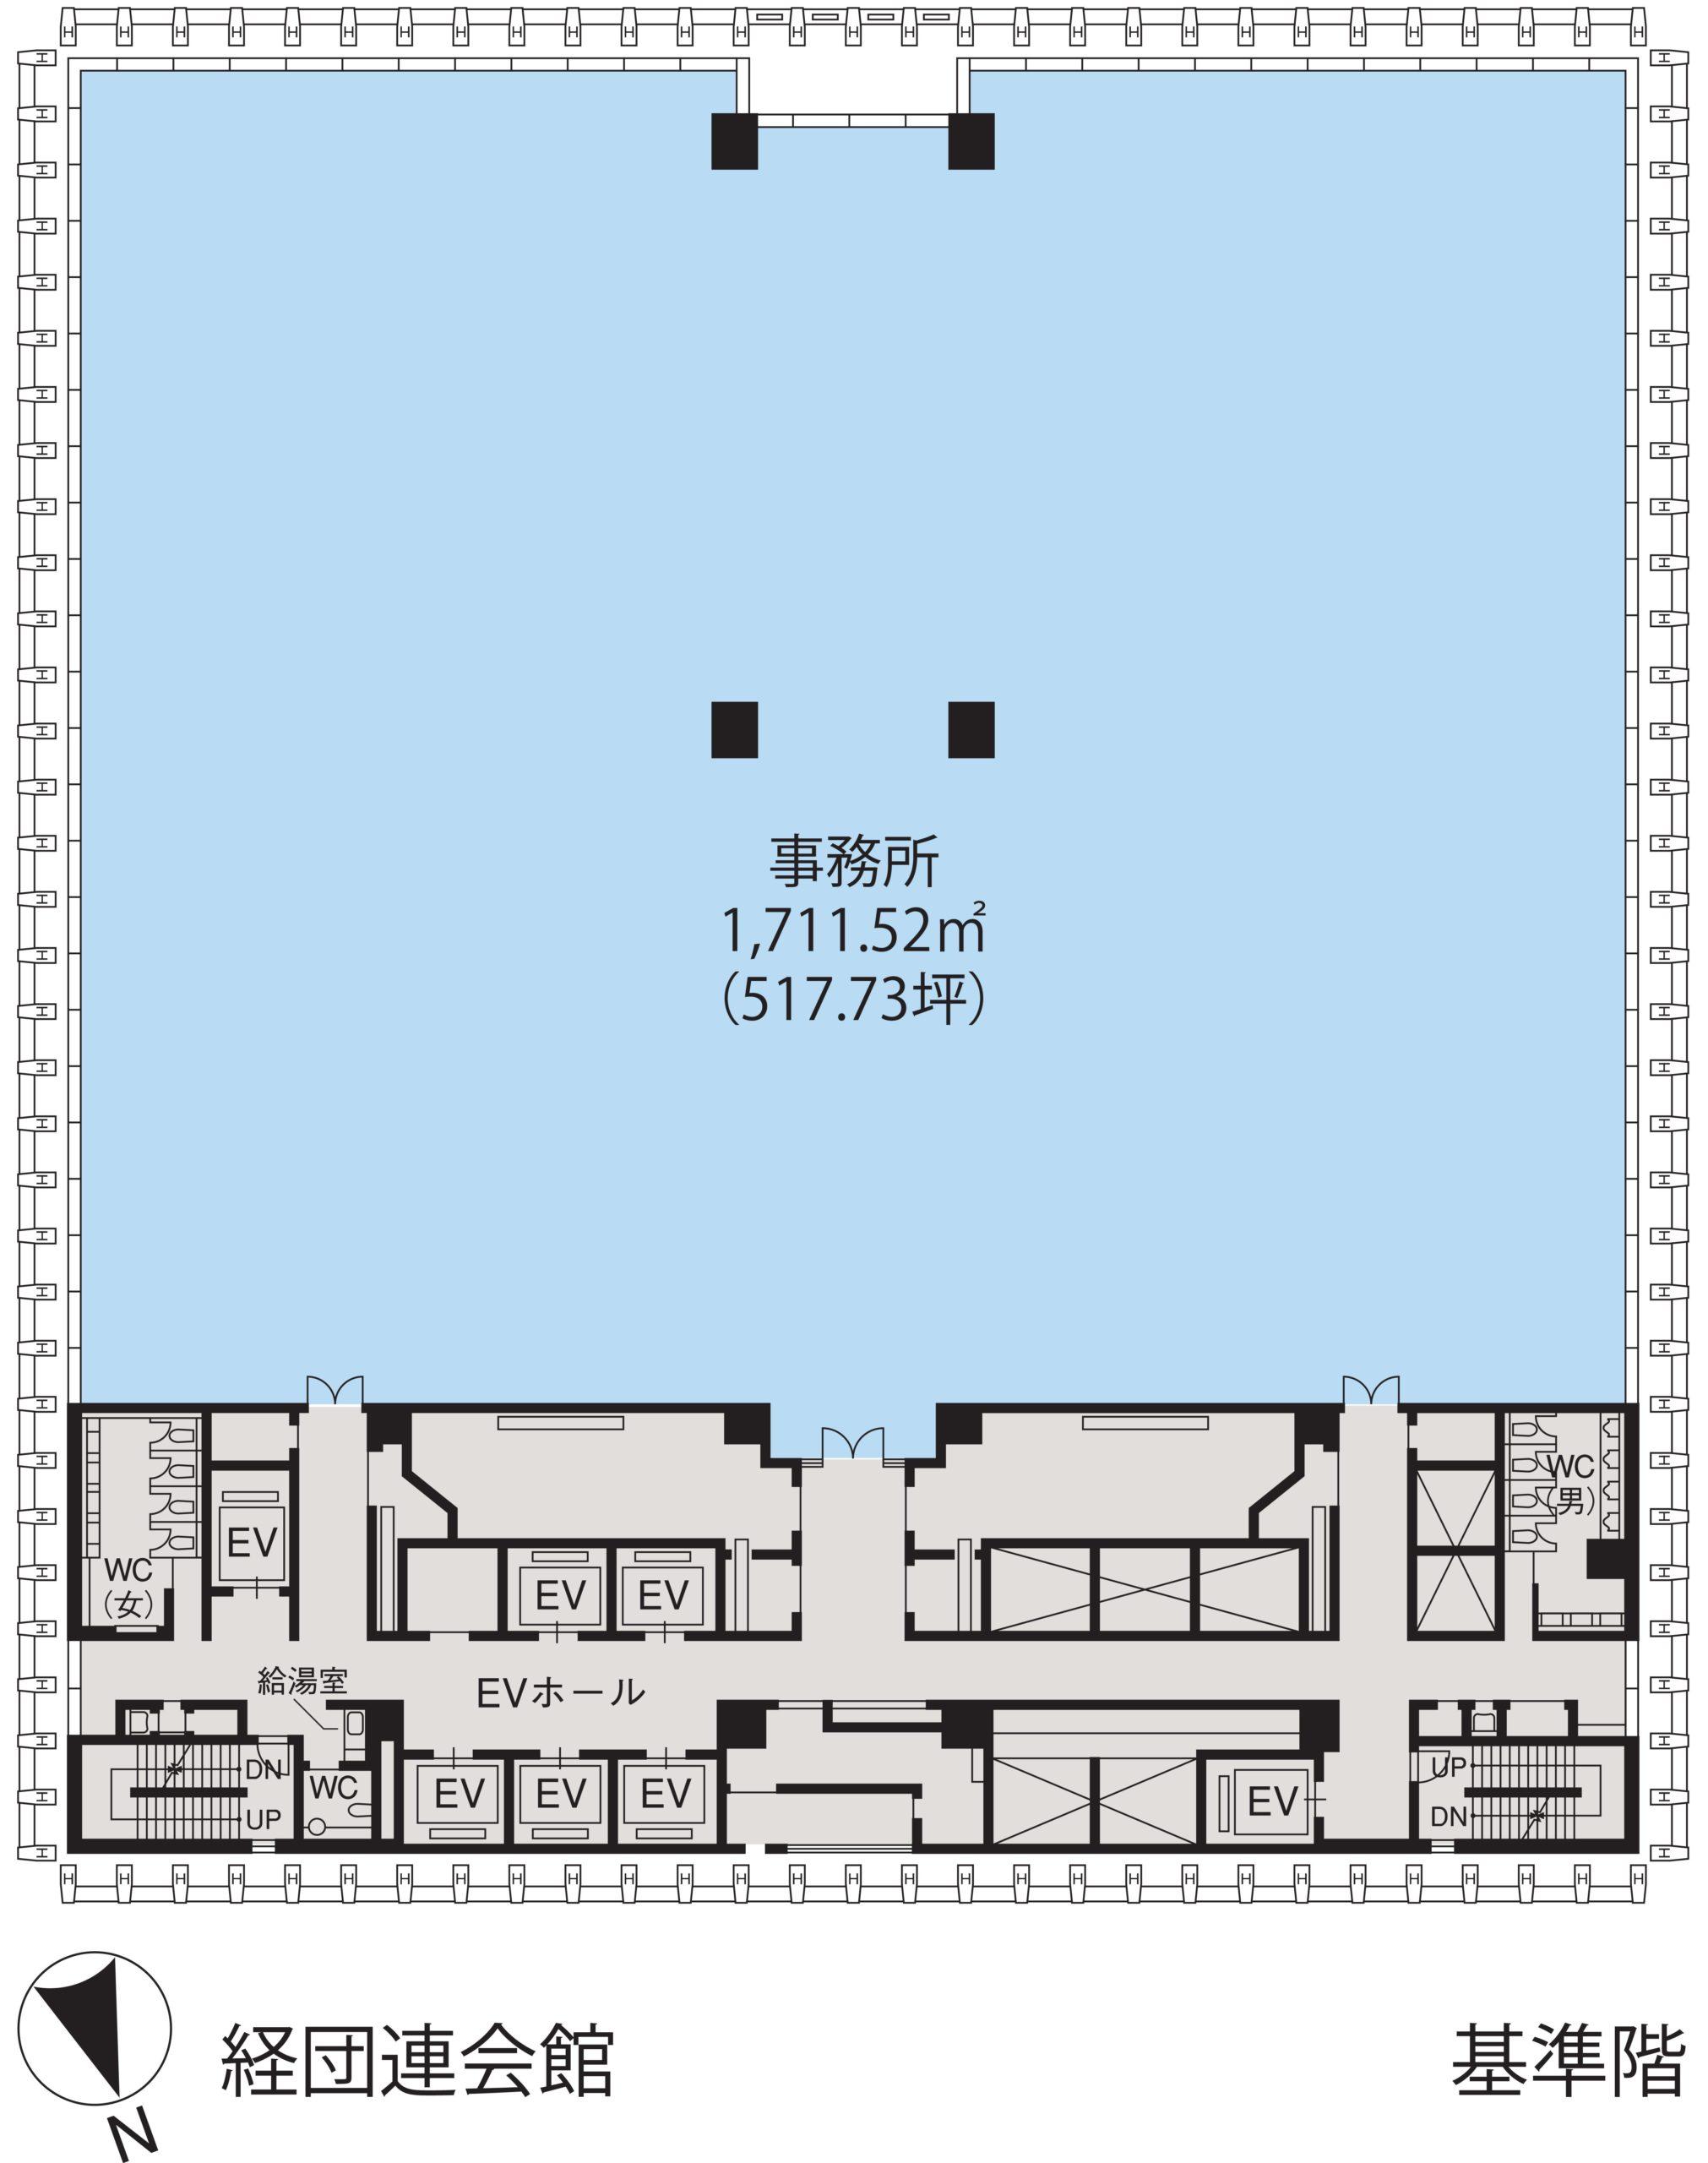 基準階(経団連会館(C棟)6~14階階)